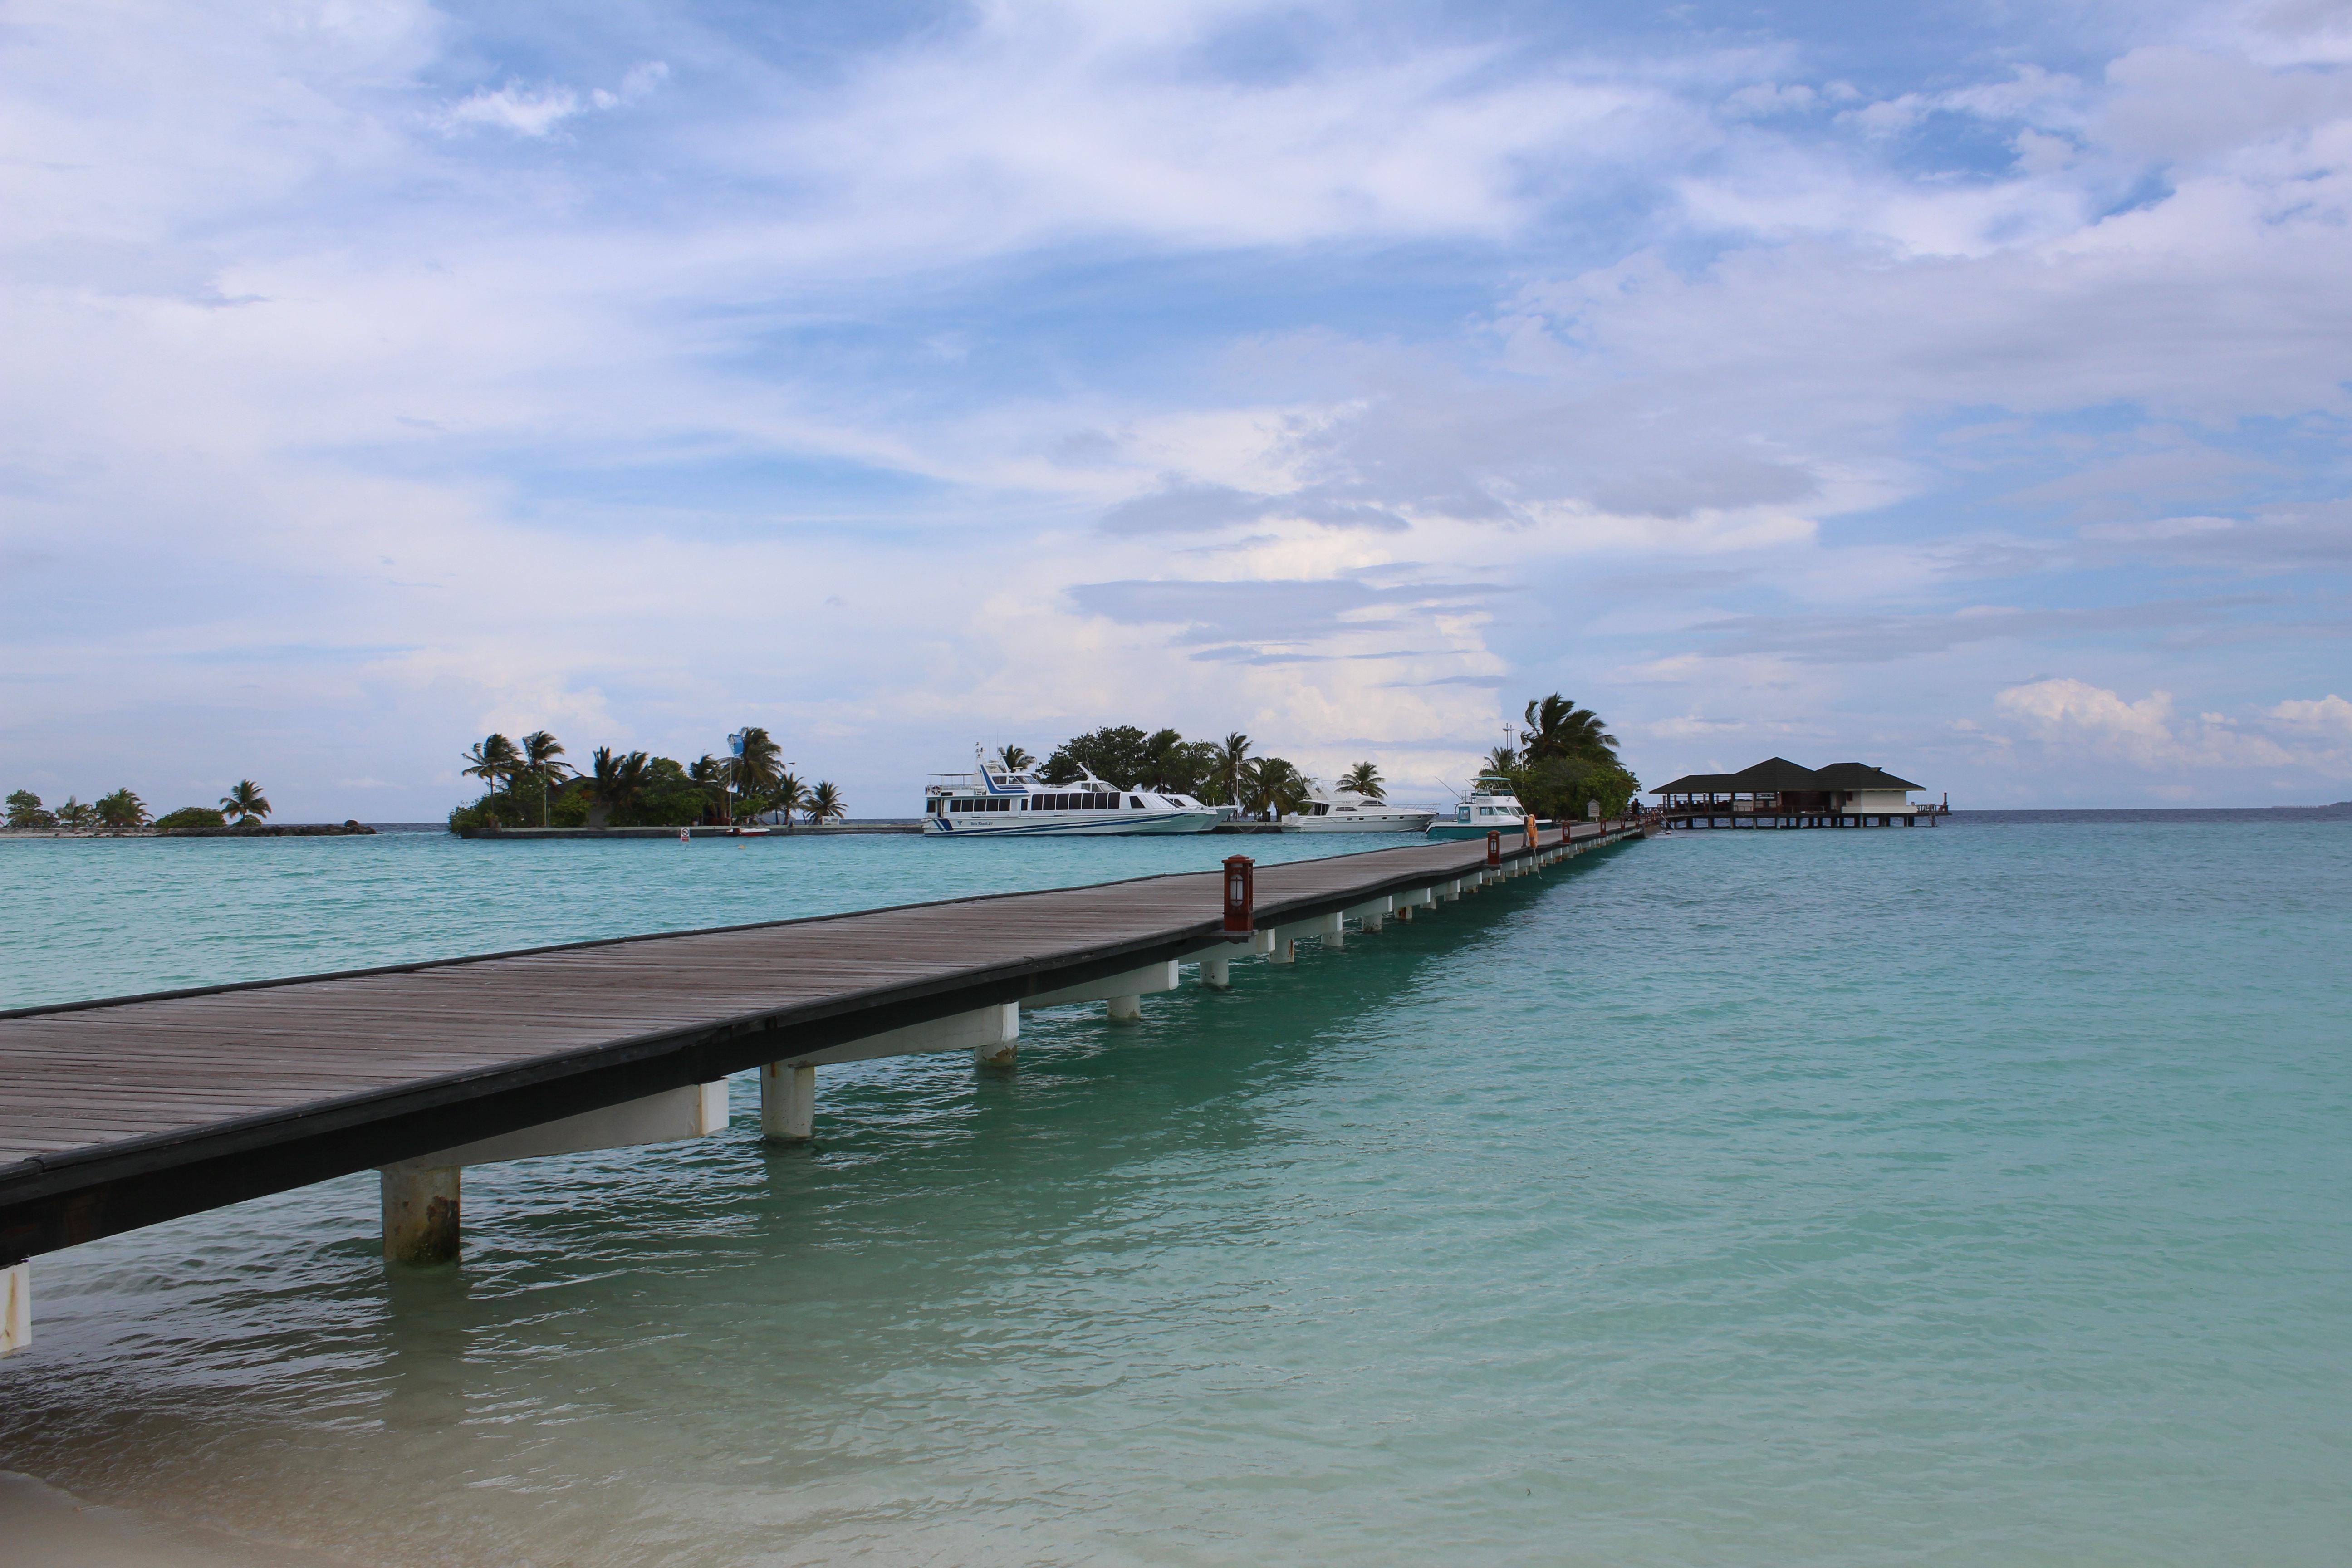 马尔代夫天堂岛度假村我来了(一)